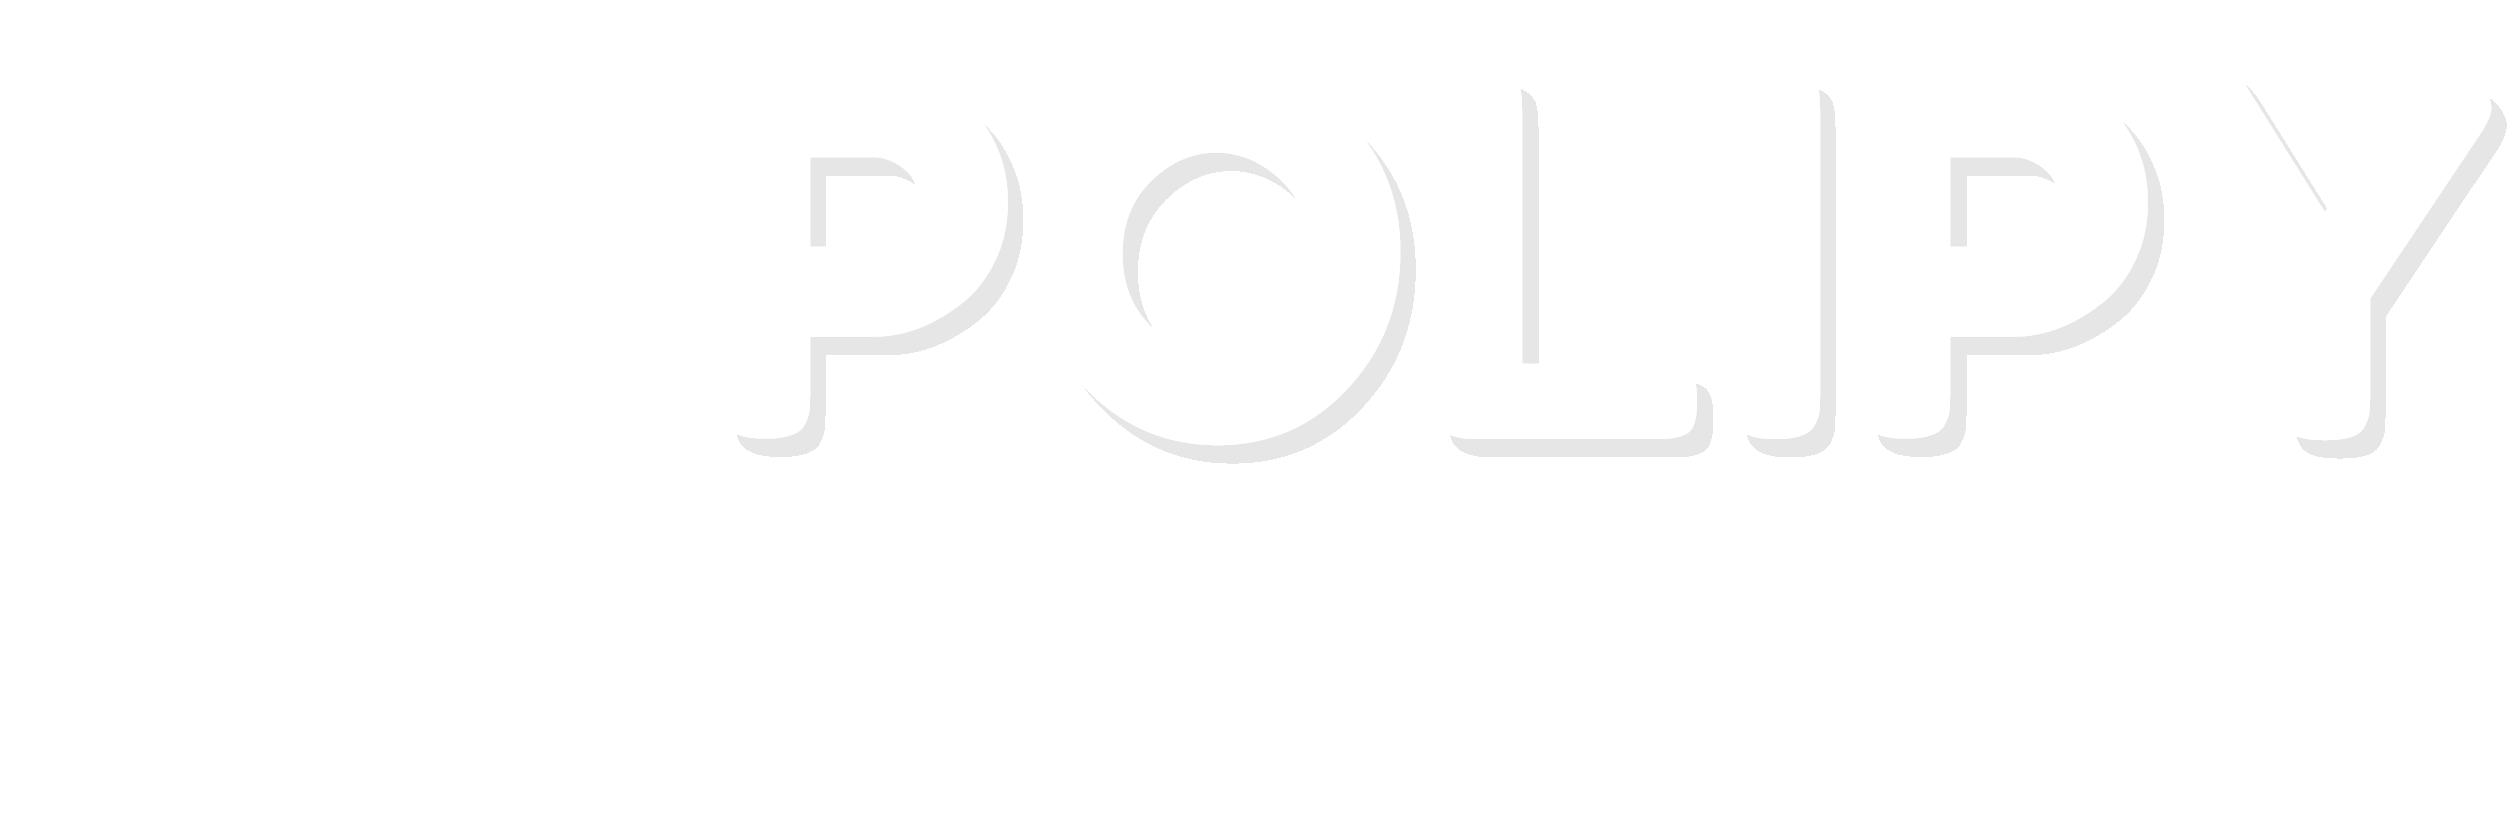 Polipy - Logo bianco